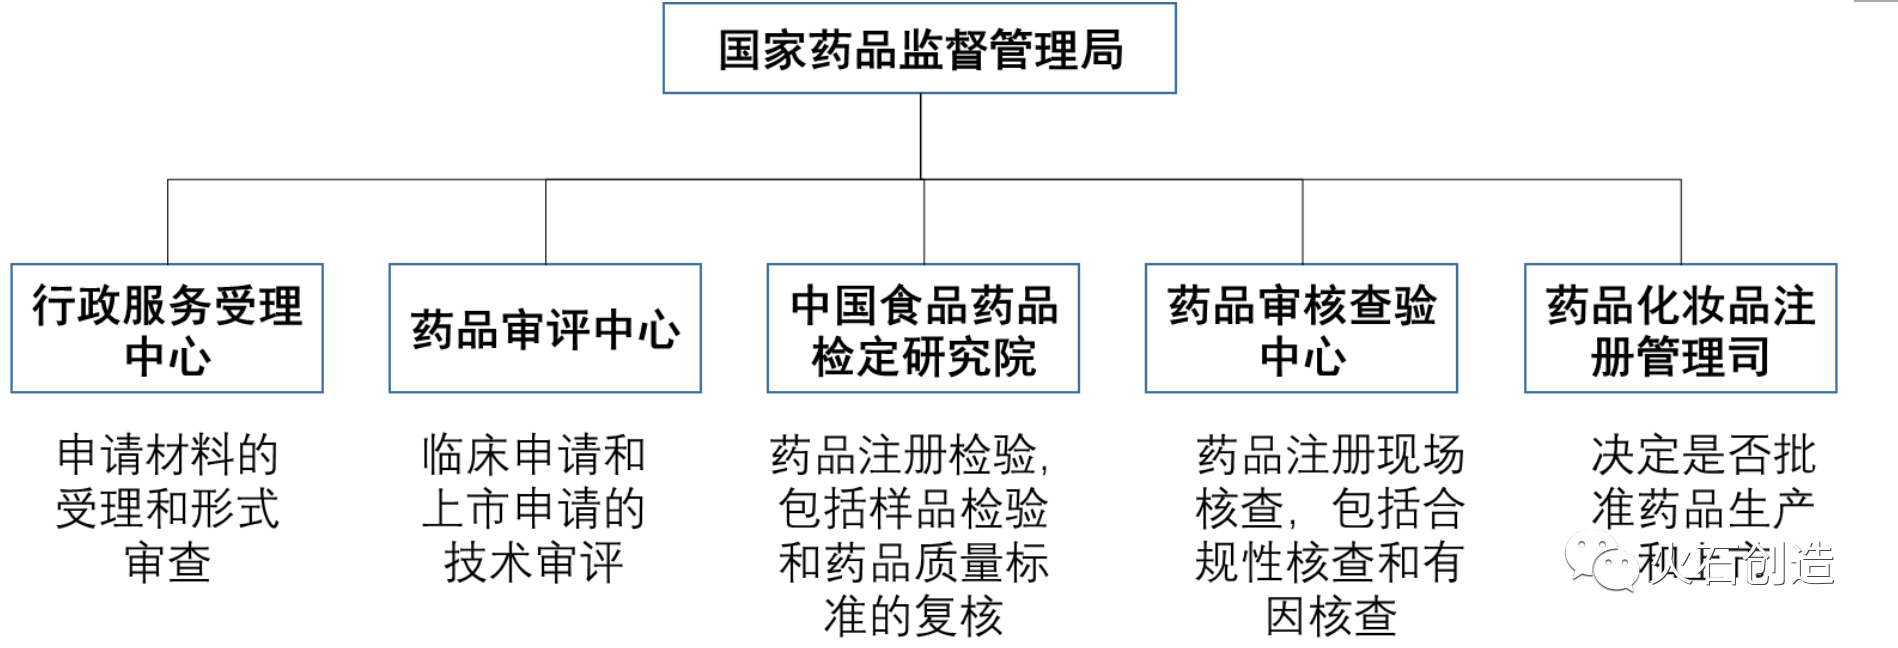 图2 国家药品管理局药品审评相关部分与分工